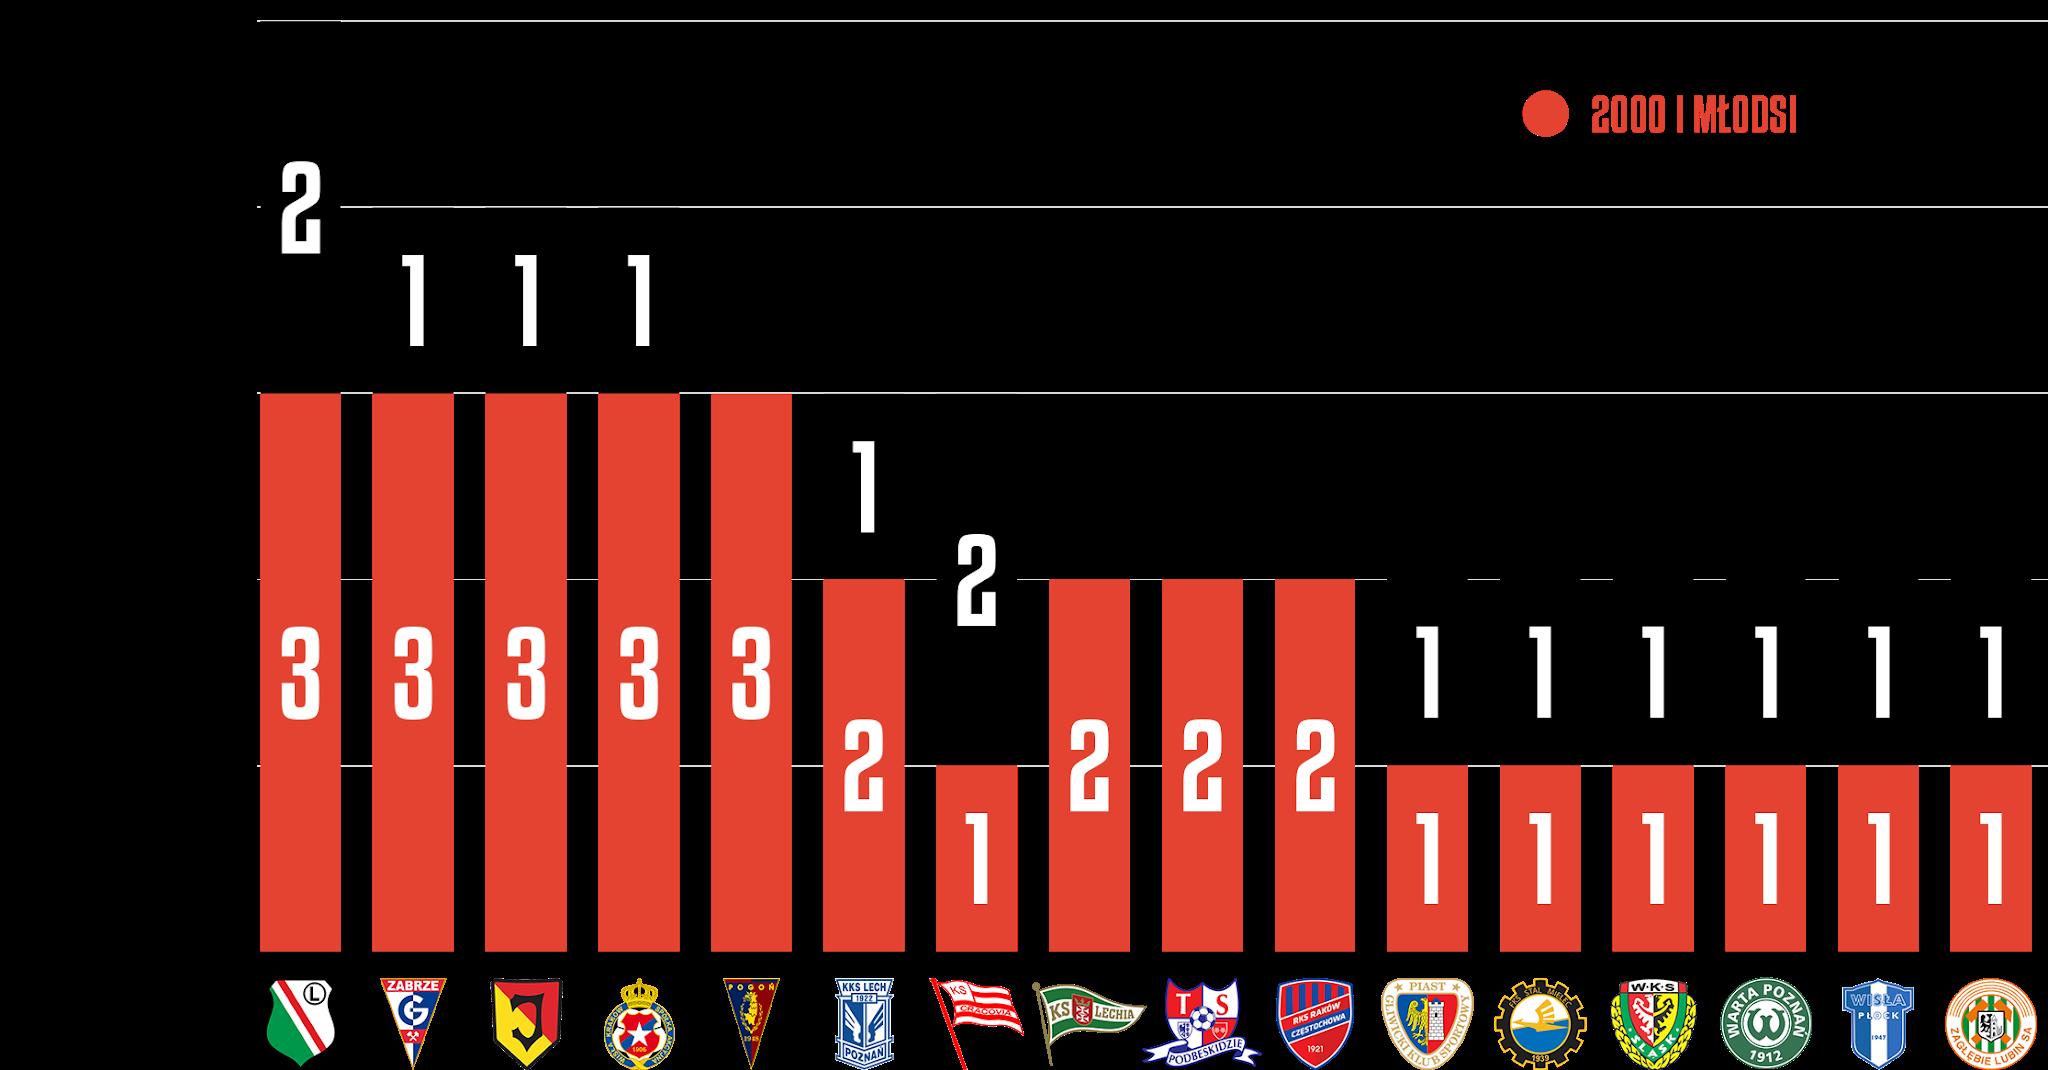 Młodzieżowcy w 18. kolejce PKO Ekstraklasy<br><br>Źródło: Opracowanie własne na podstawie ekstrastats.pl<br><br>graf. Bartosz Urban